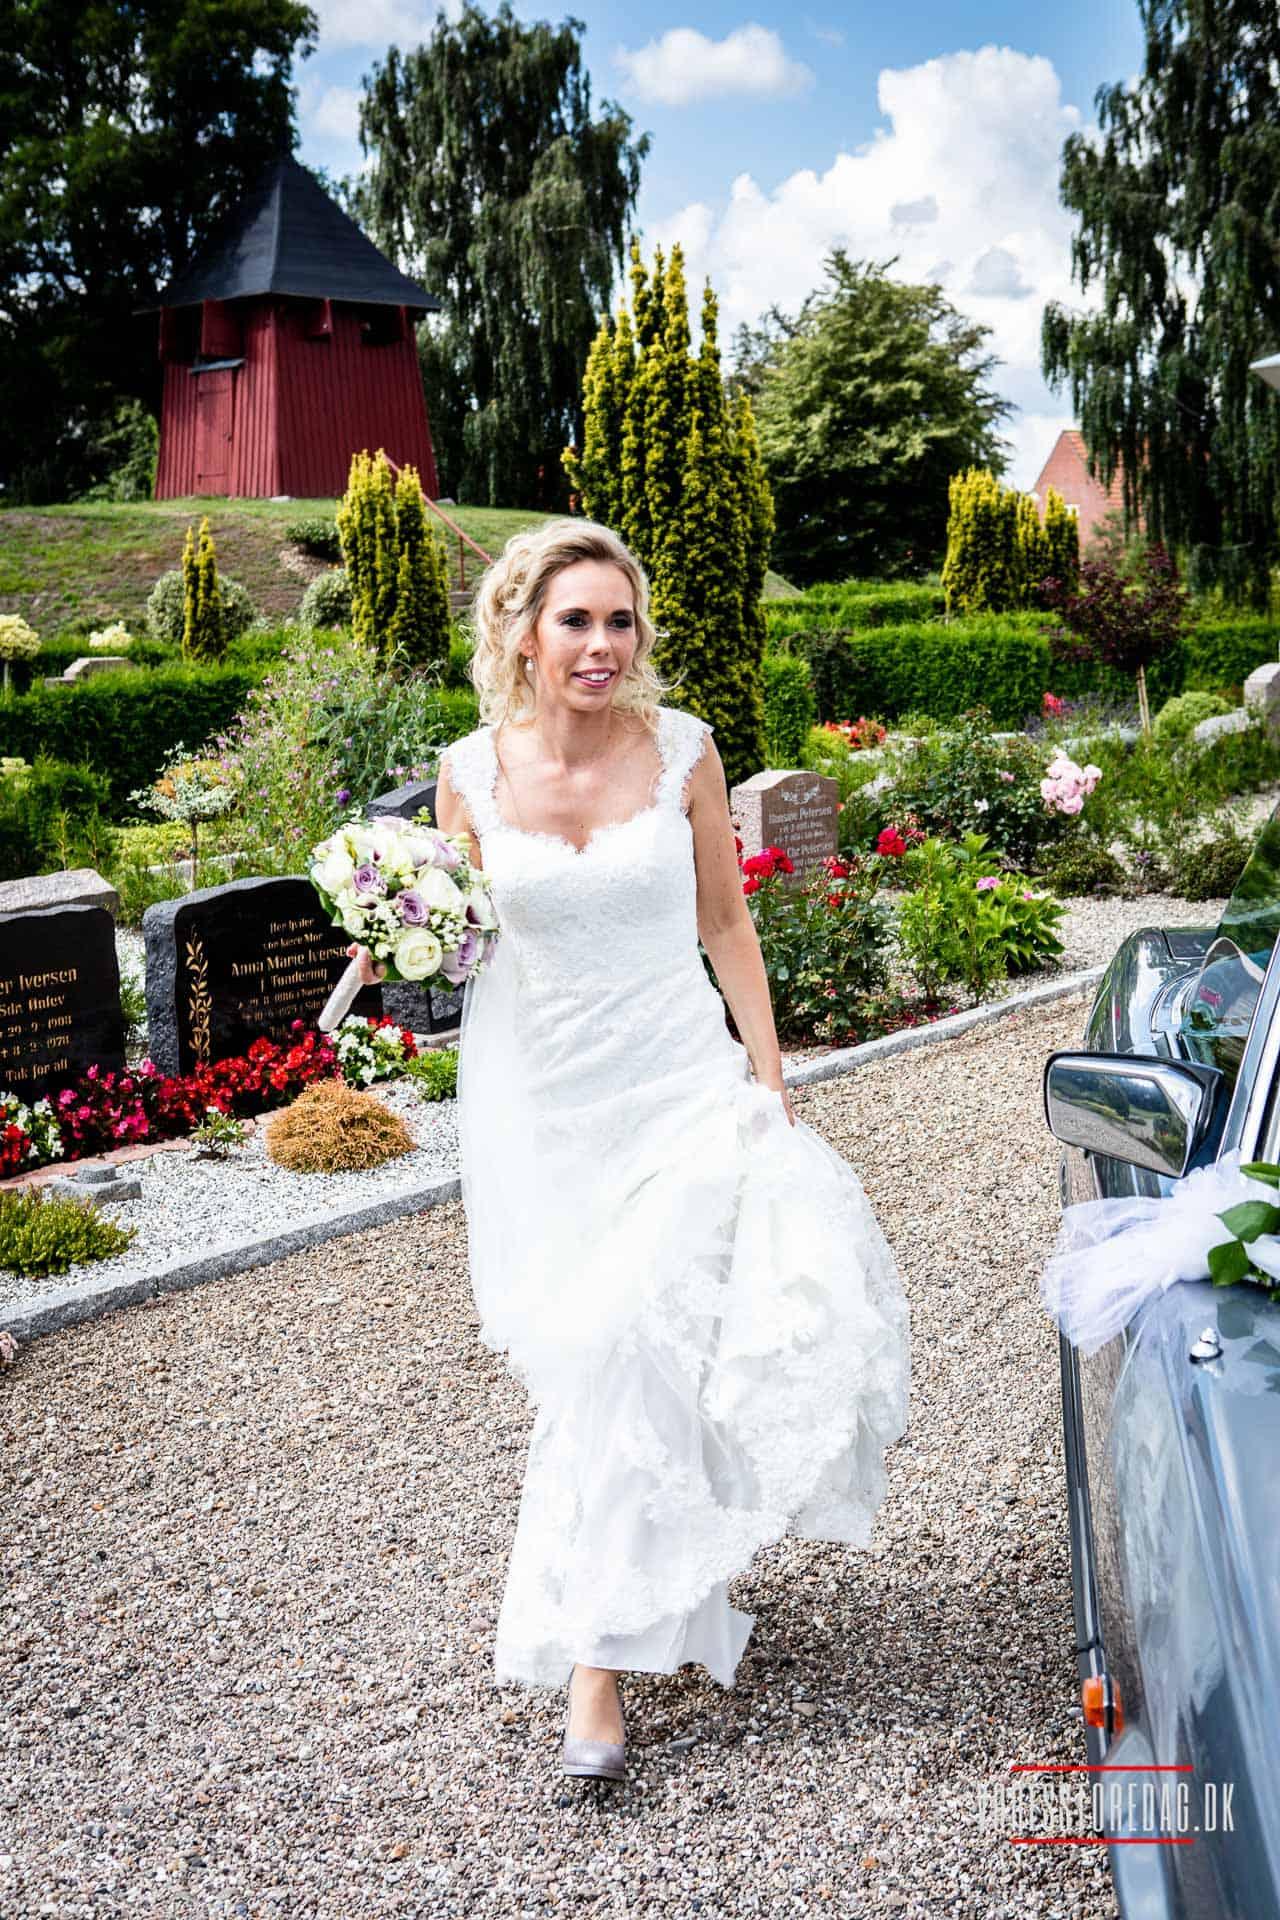 bryllup Tyrstrup kro | Bryllupsfoto i 2019 | Wedding